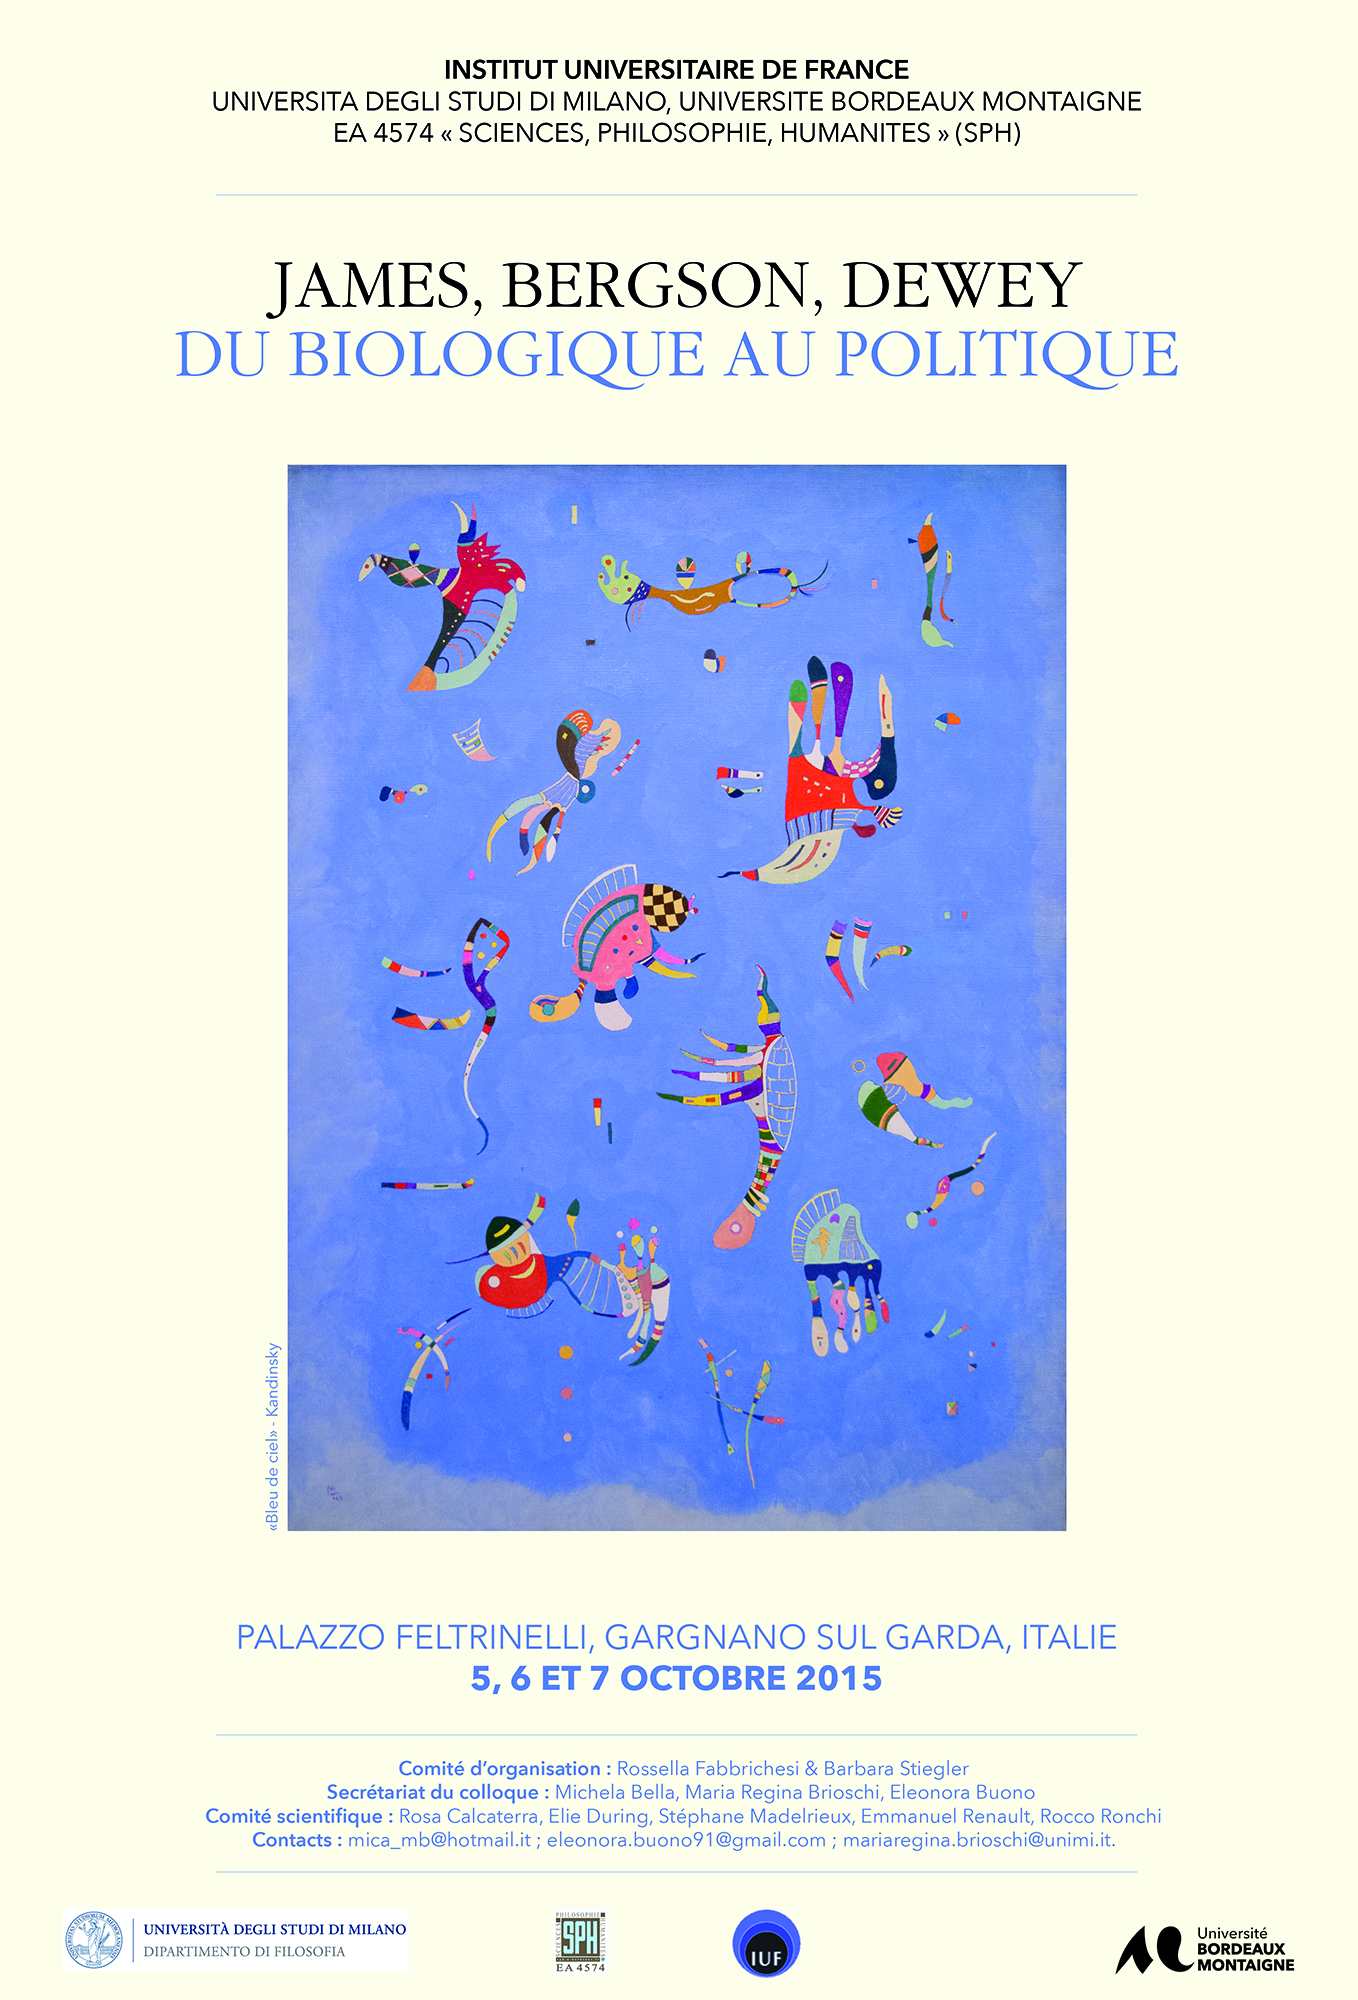 James, Bergson, Dewey - Du biologique au politique (French, Italian)